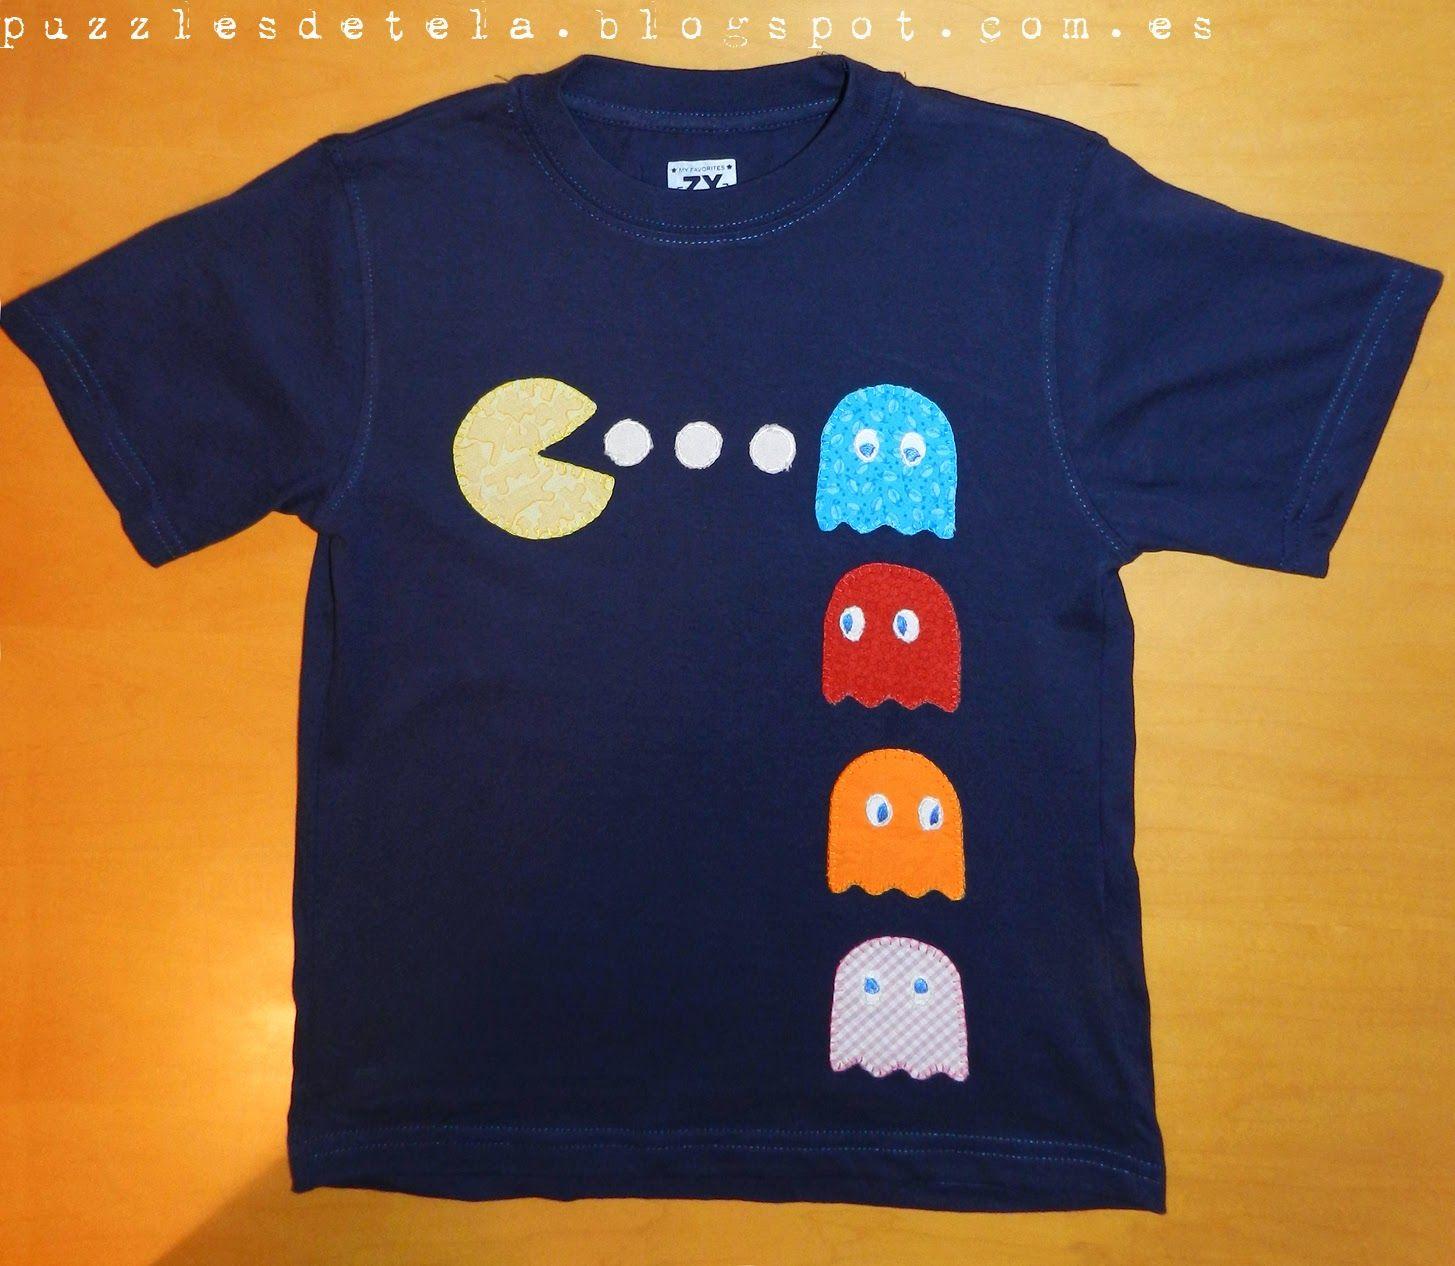 esta camiseta la recortaremos de forma que los niños puedan pegarla  posteriormente en unos cartones en forma de marco 4221fdf016c8